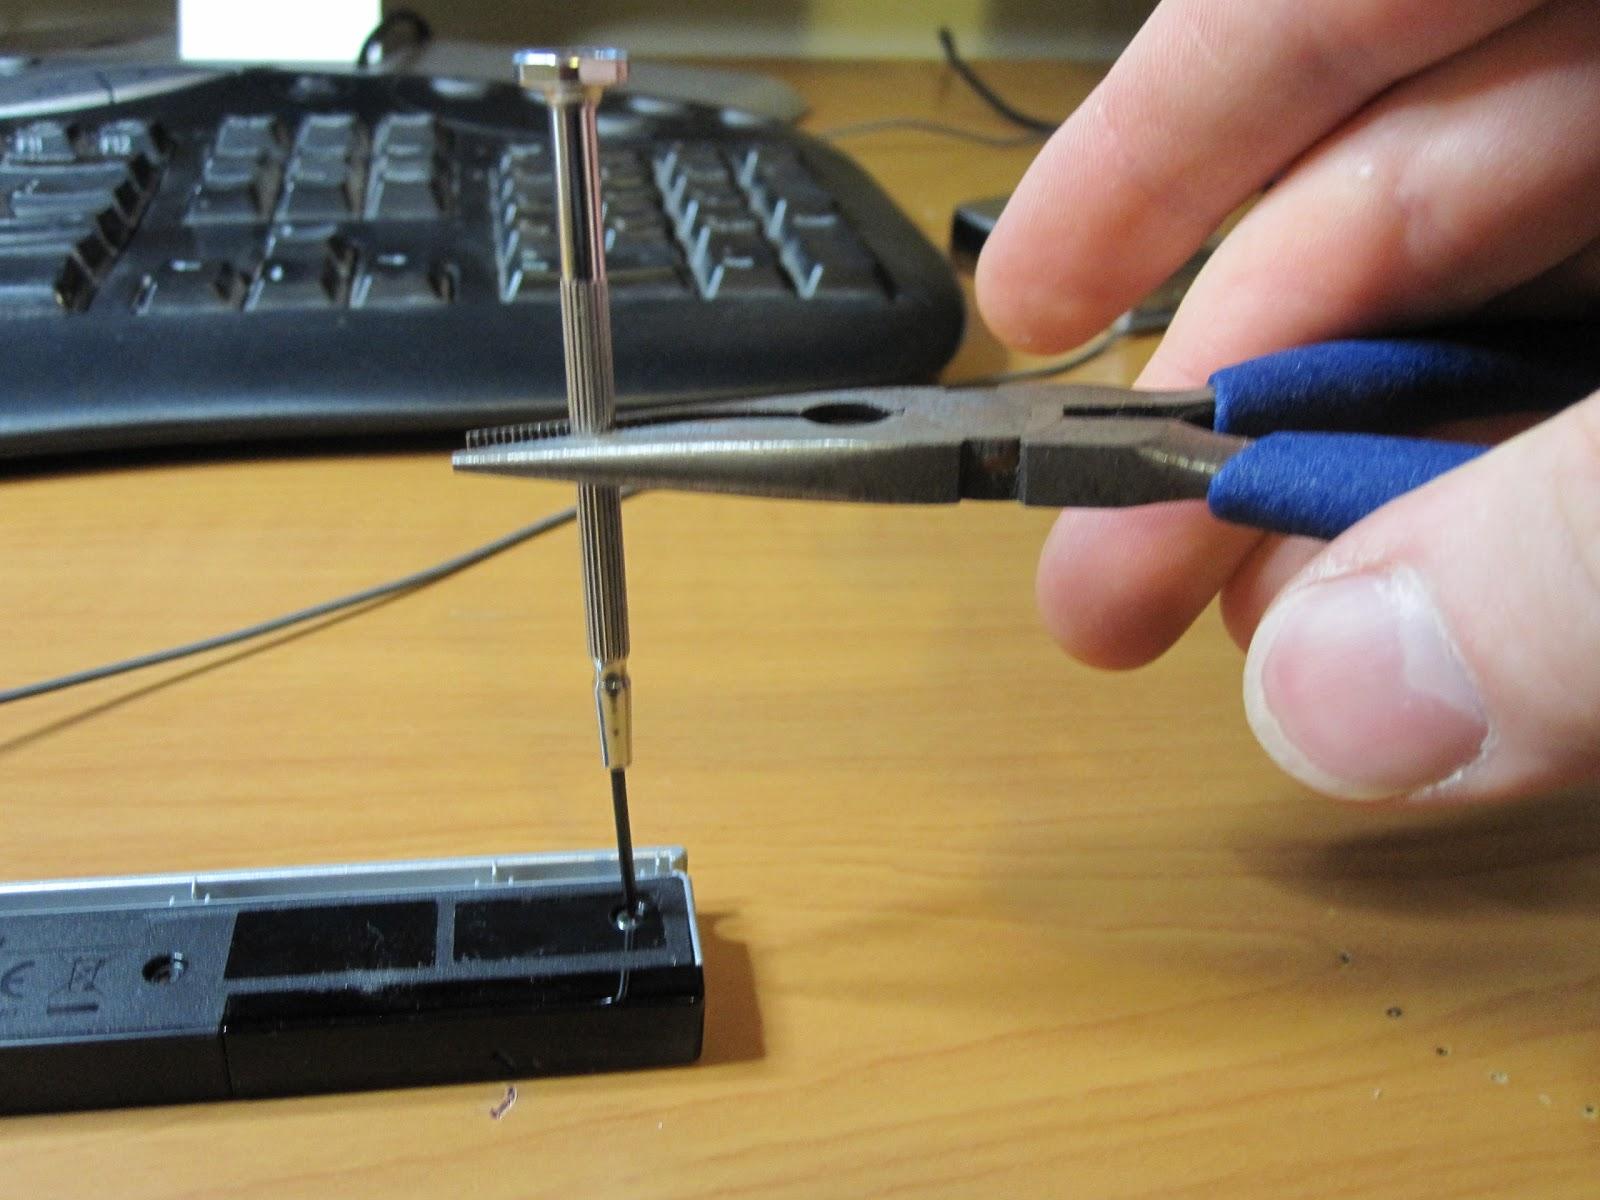 wii sensor bar repair